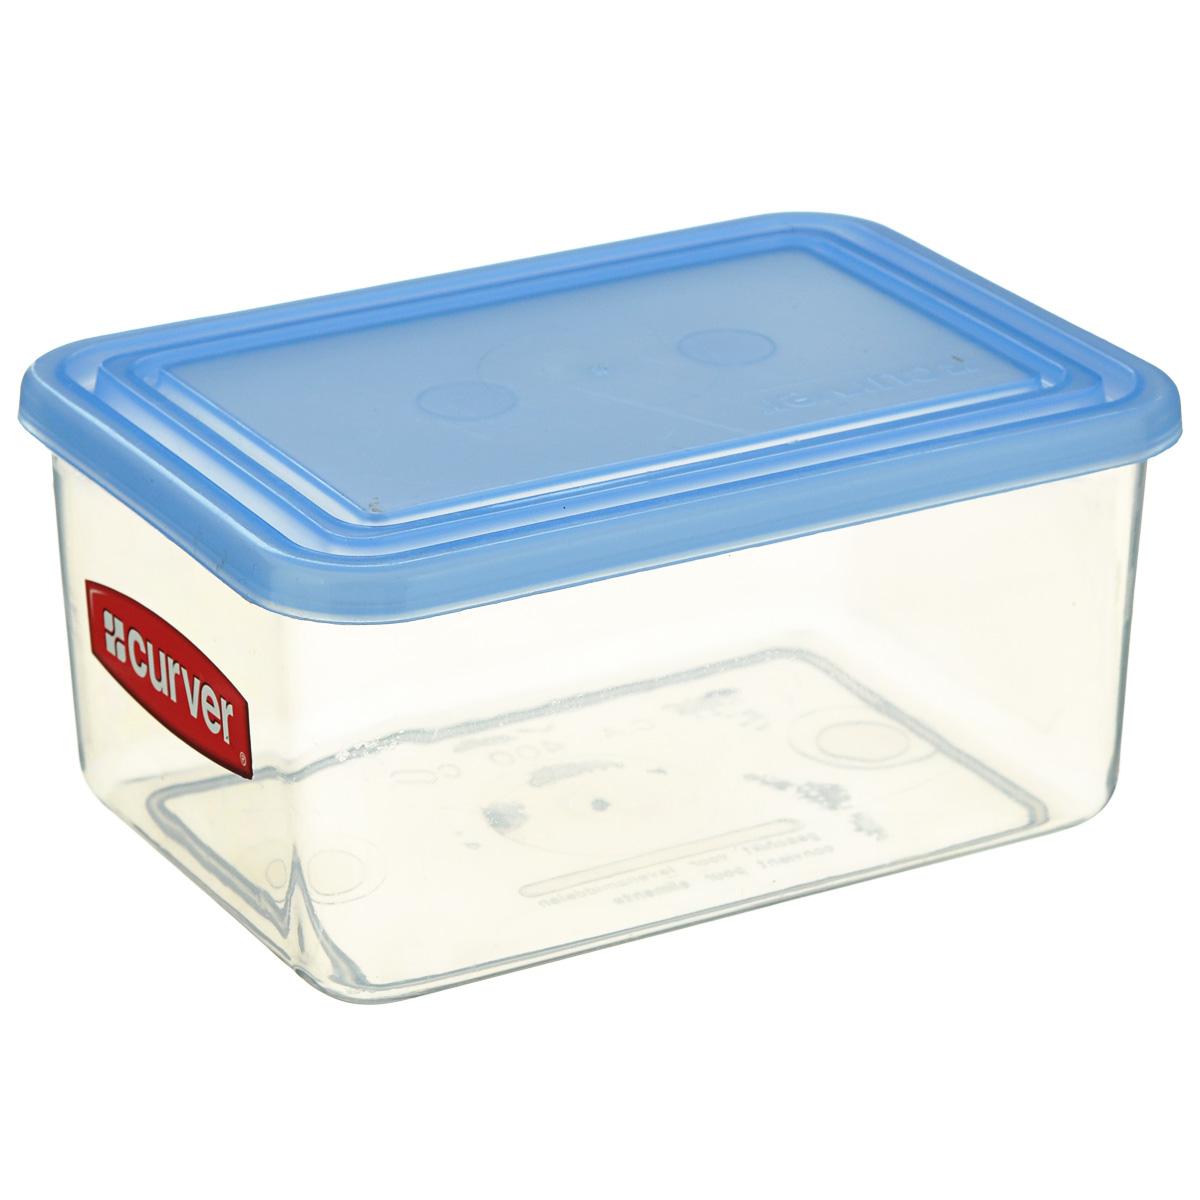 Емкость для заморозки и СВЧ Curver, цвет: голубой, 3 лVT-1520(SR)Емкость для заморозки и СВЧ Curver изготовлена из высококачественного пищевого пластика. Стенки емкости прозрачные, а крышка цветная. Она плотно закрывается, дольше сохраняя продукты свежими. Емкость удобно брать с собой на работу, учебу, пикник и дачу. Можно использовать в микроволновой печи и для заморозки в морозильной камере.